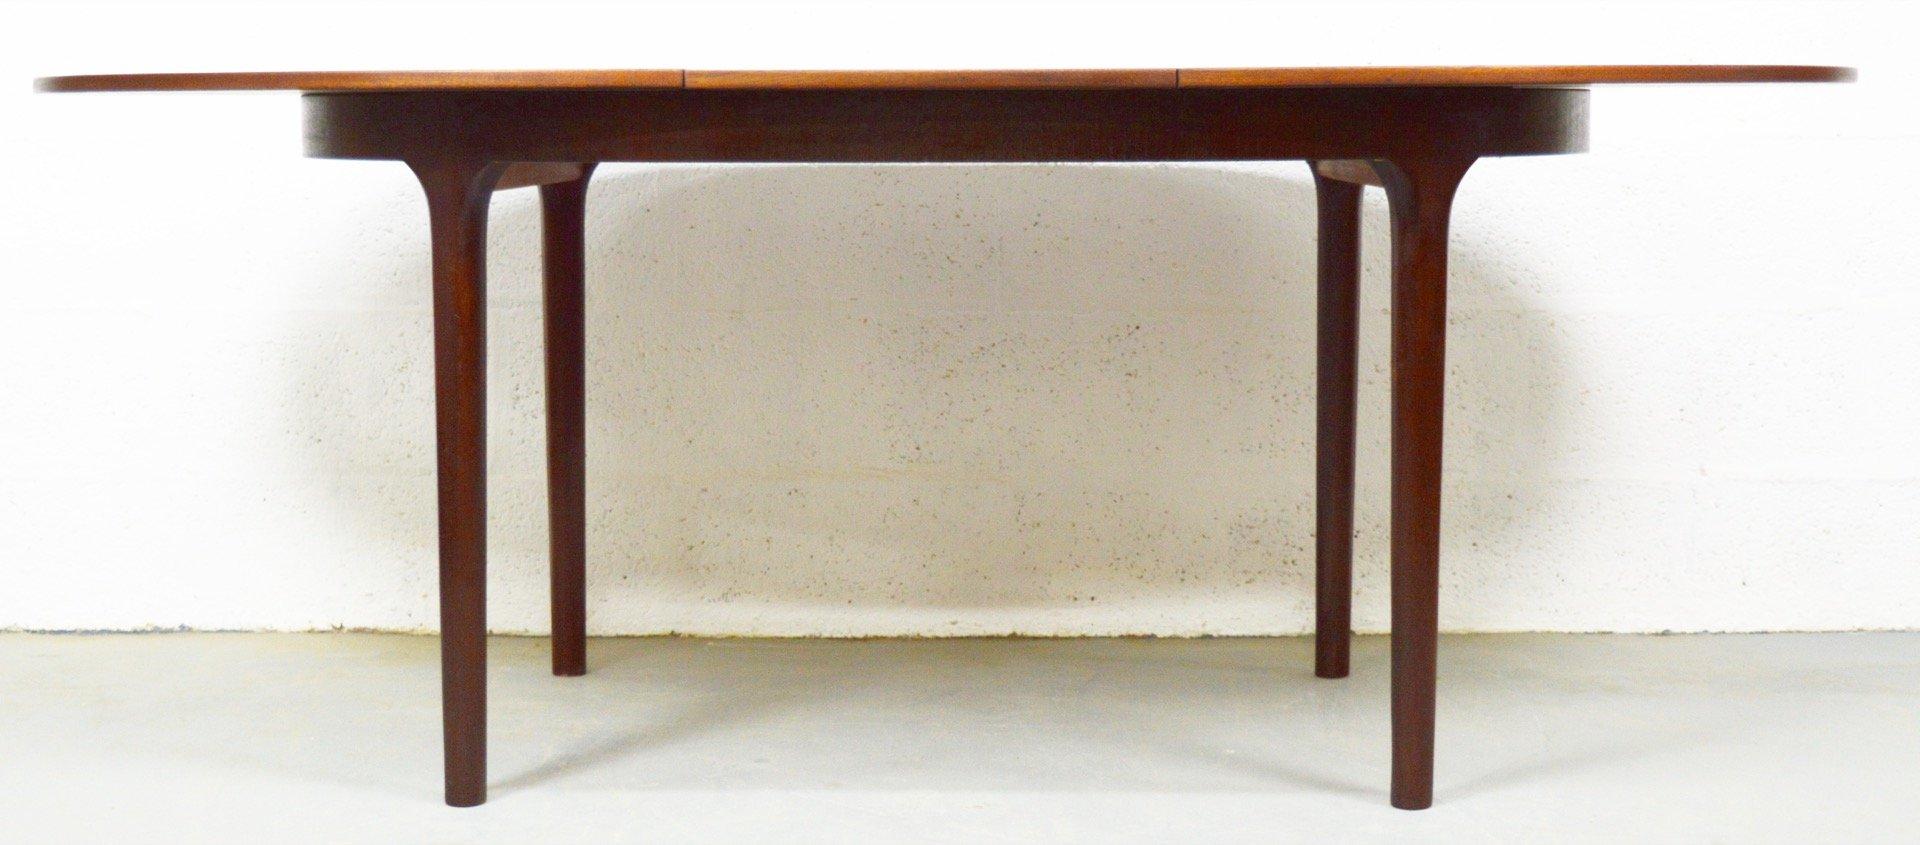 Cette ann e 4111 table salle a manger ovale moderne avec for Table de salle a manger ovale